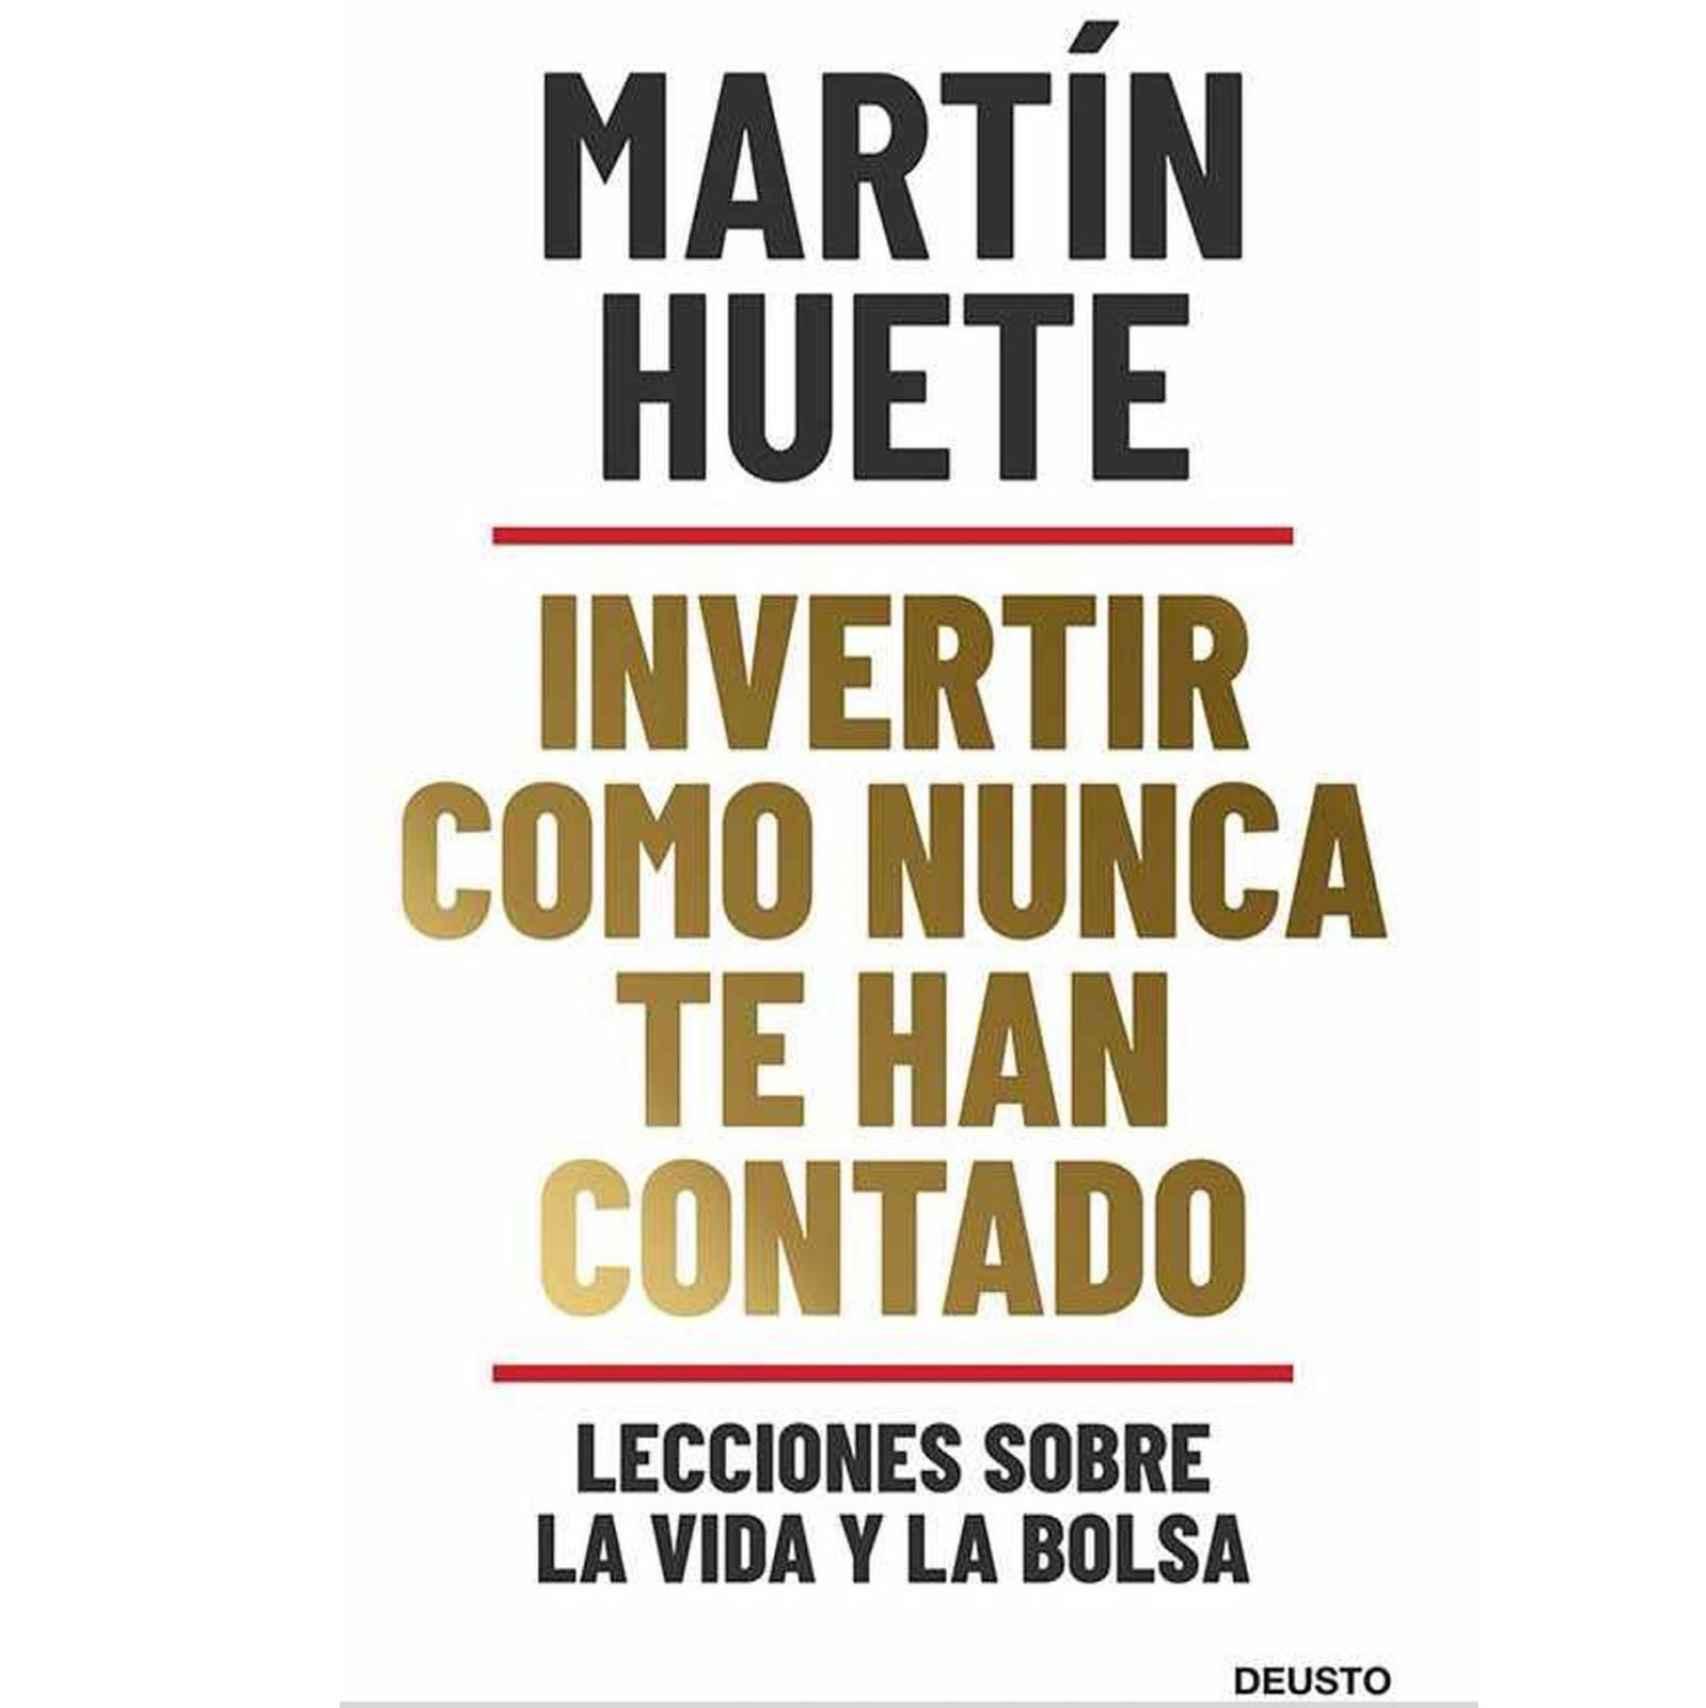 Portada del libro de Martín Huete, a la venta el 3 de febrero.